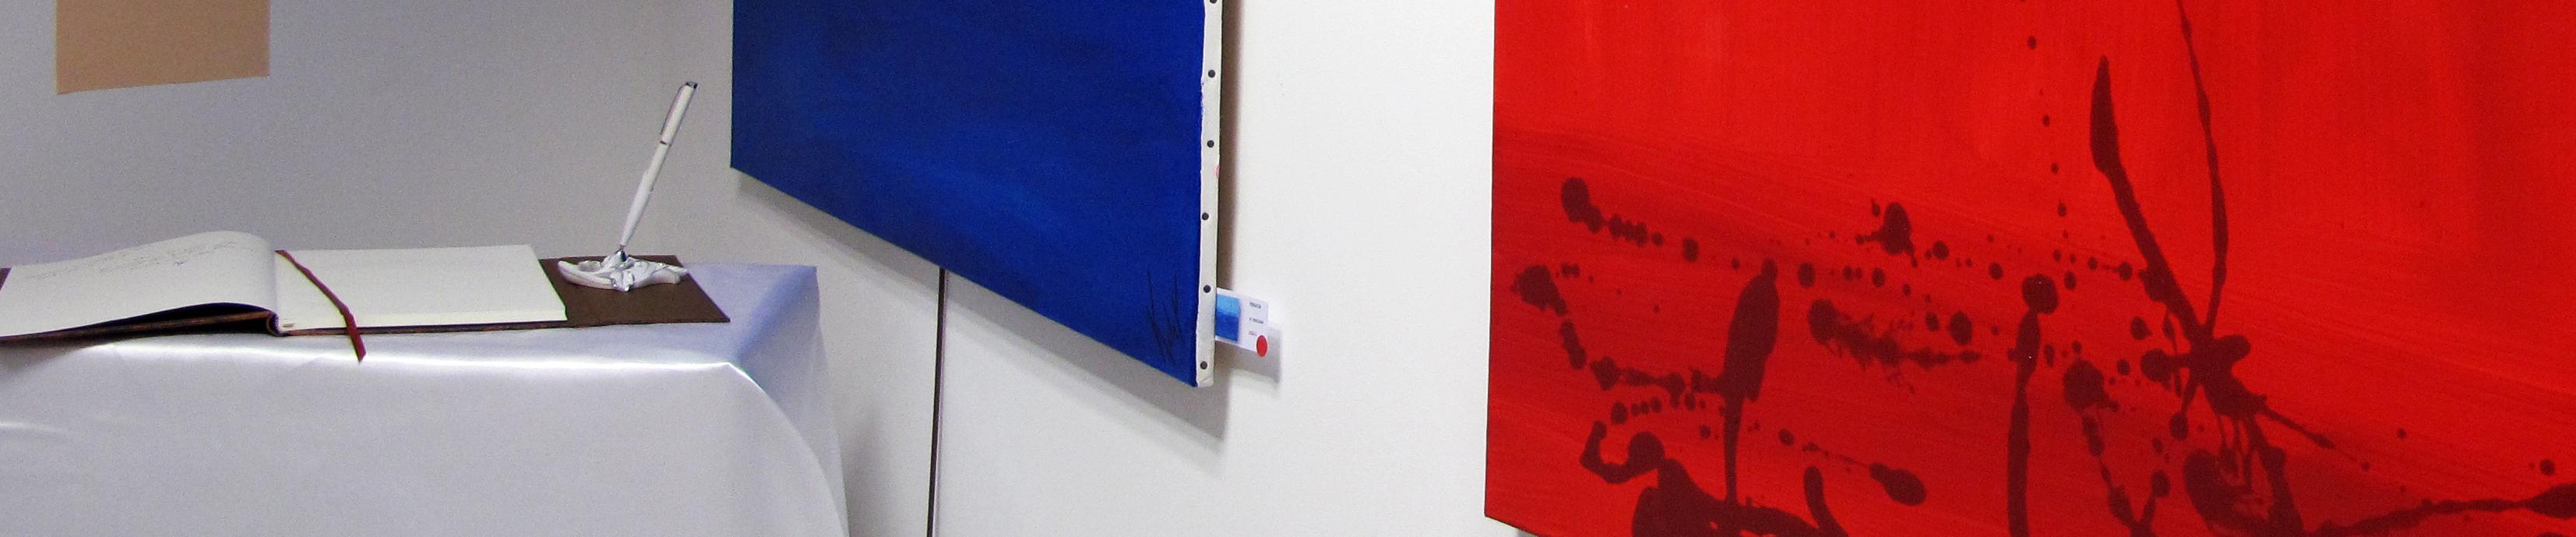 Kolet (Colette Jankovic) artiste autodidacte multi-art / Prades 66500